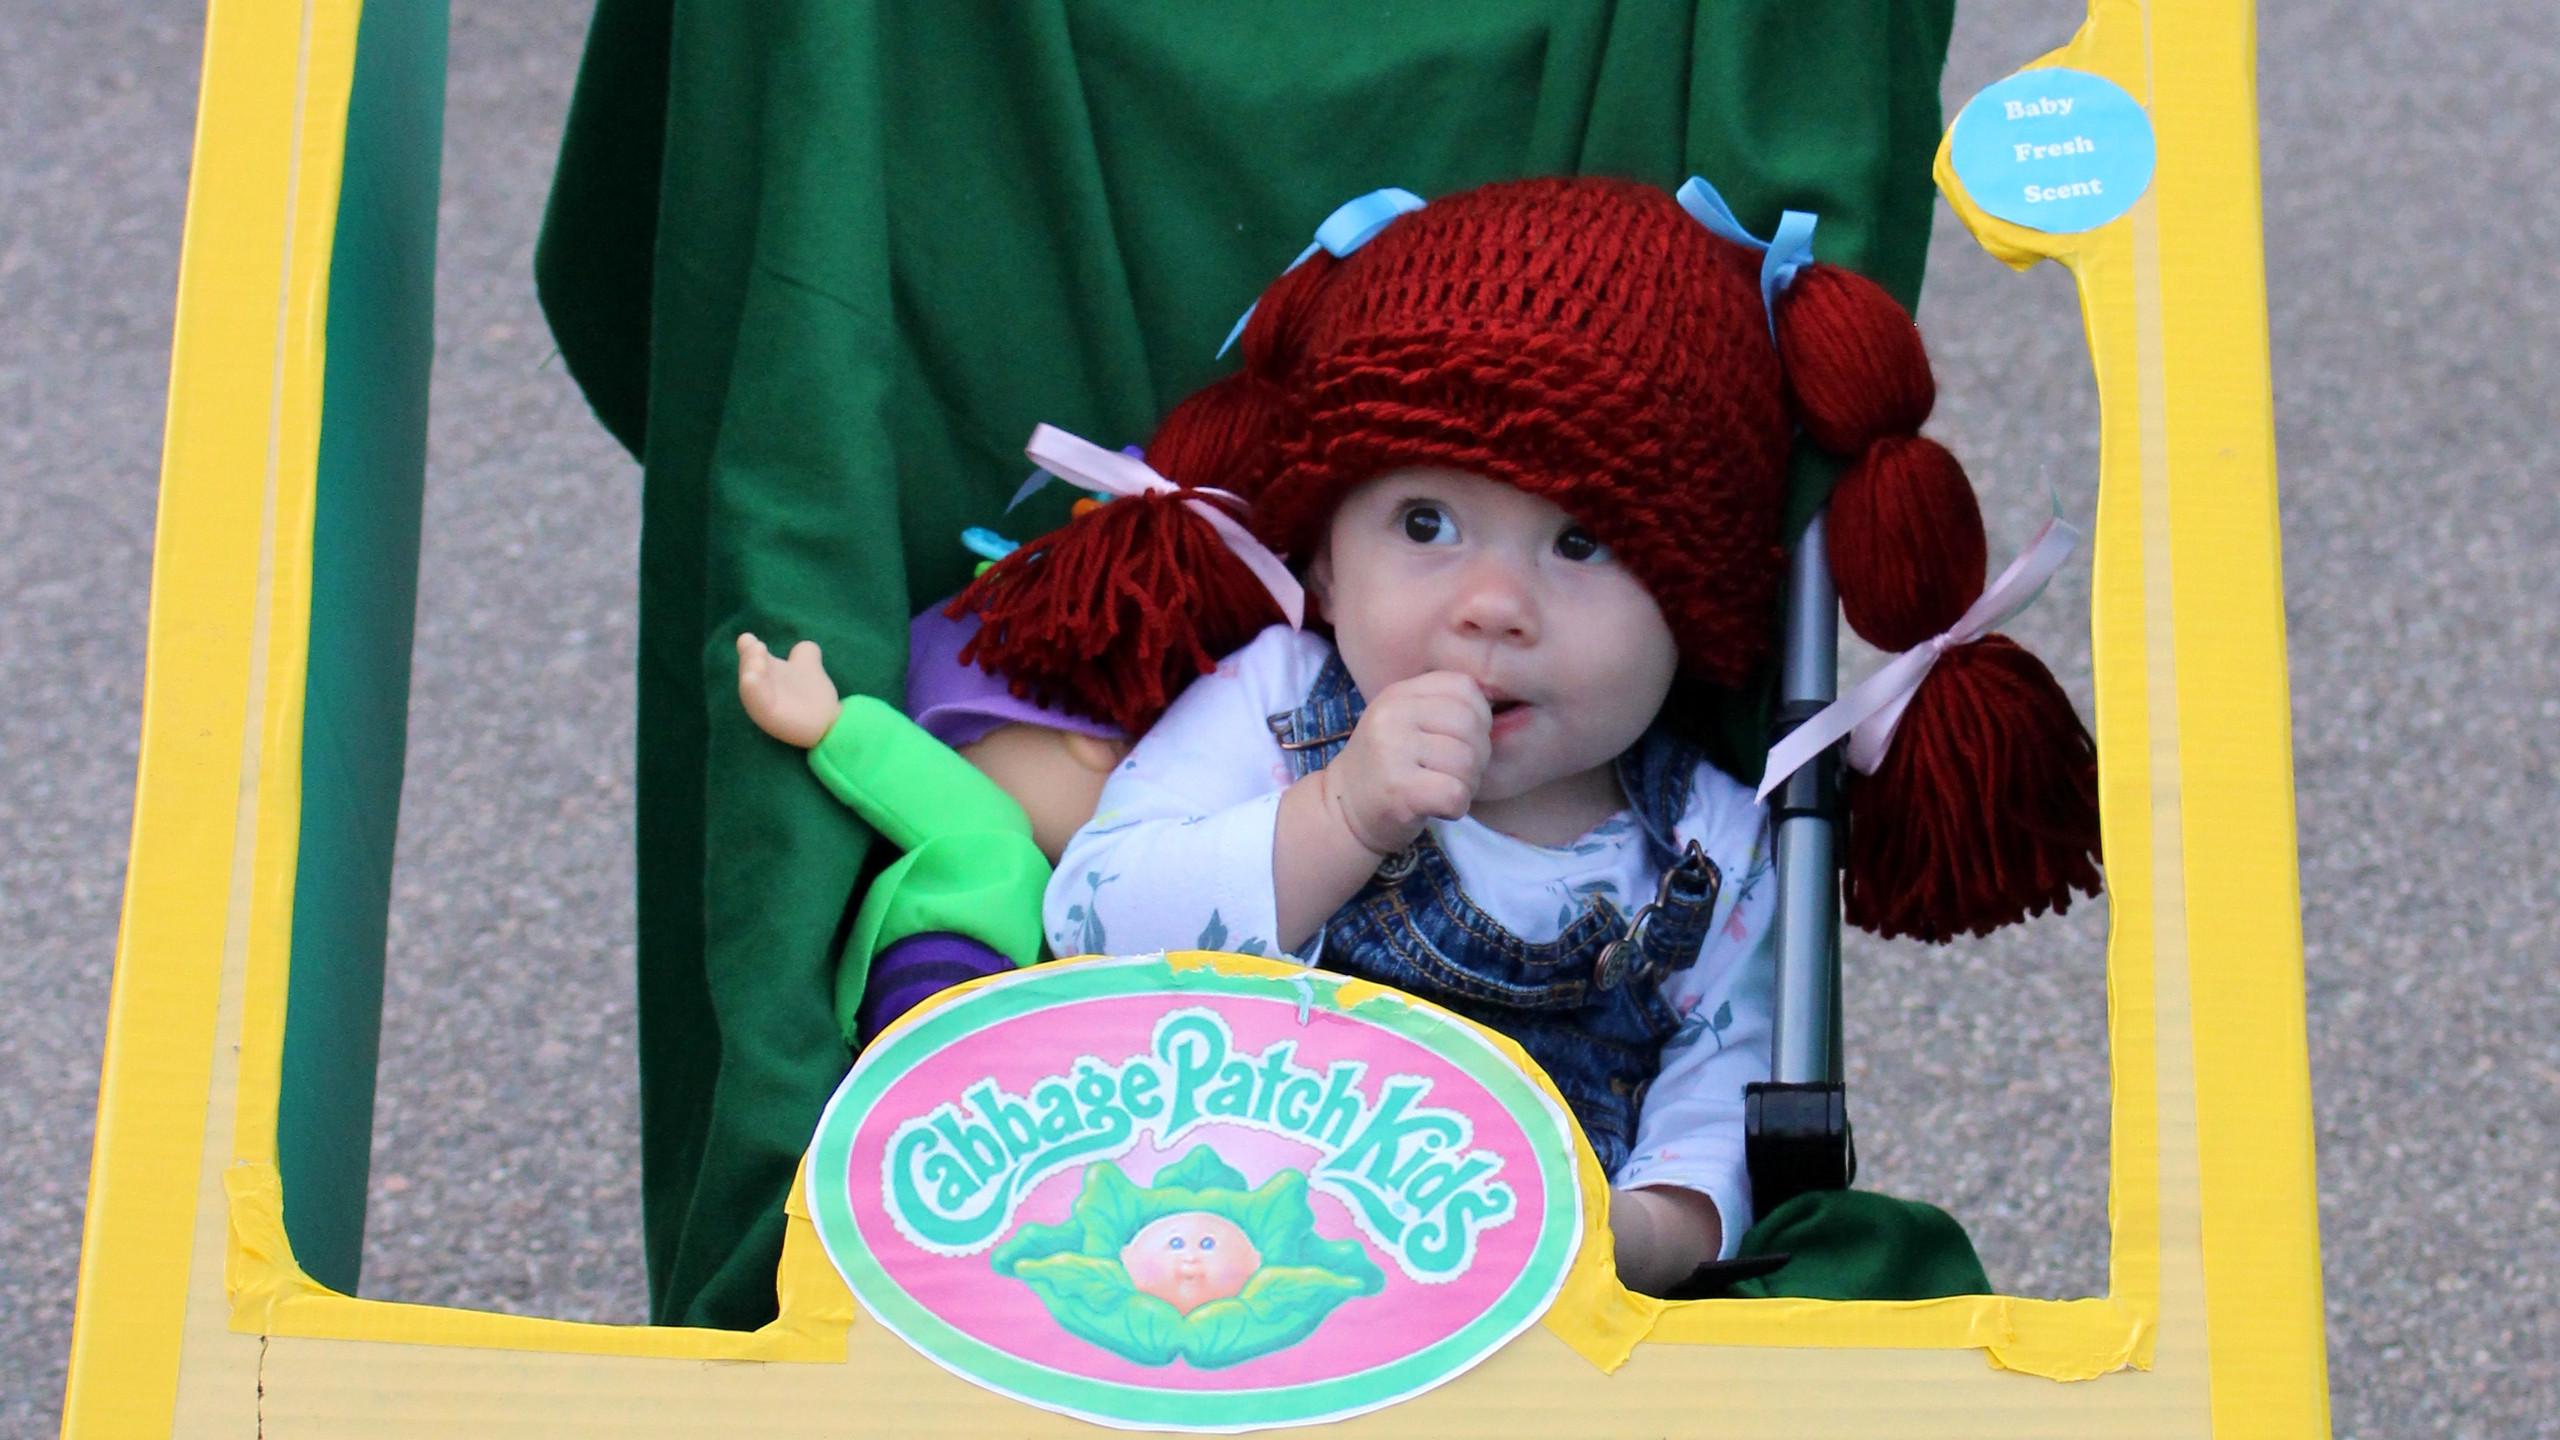 Charleston Staniszewski as Cabbage Patch Baby